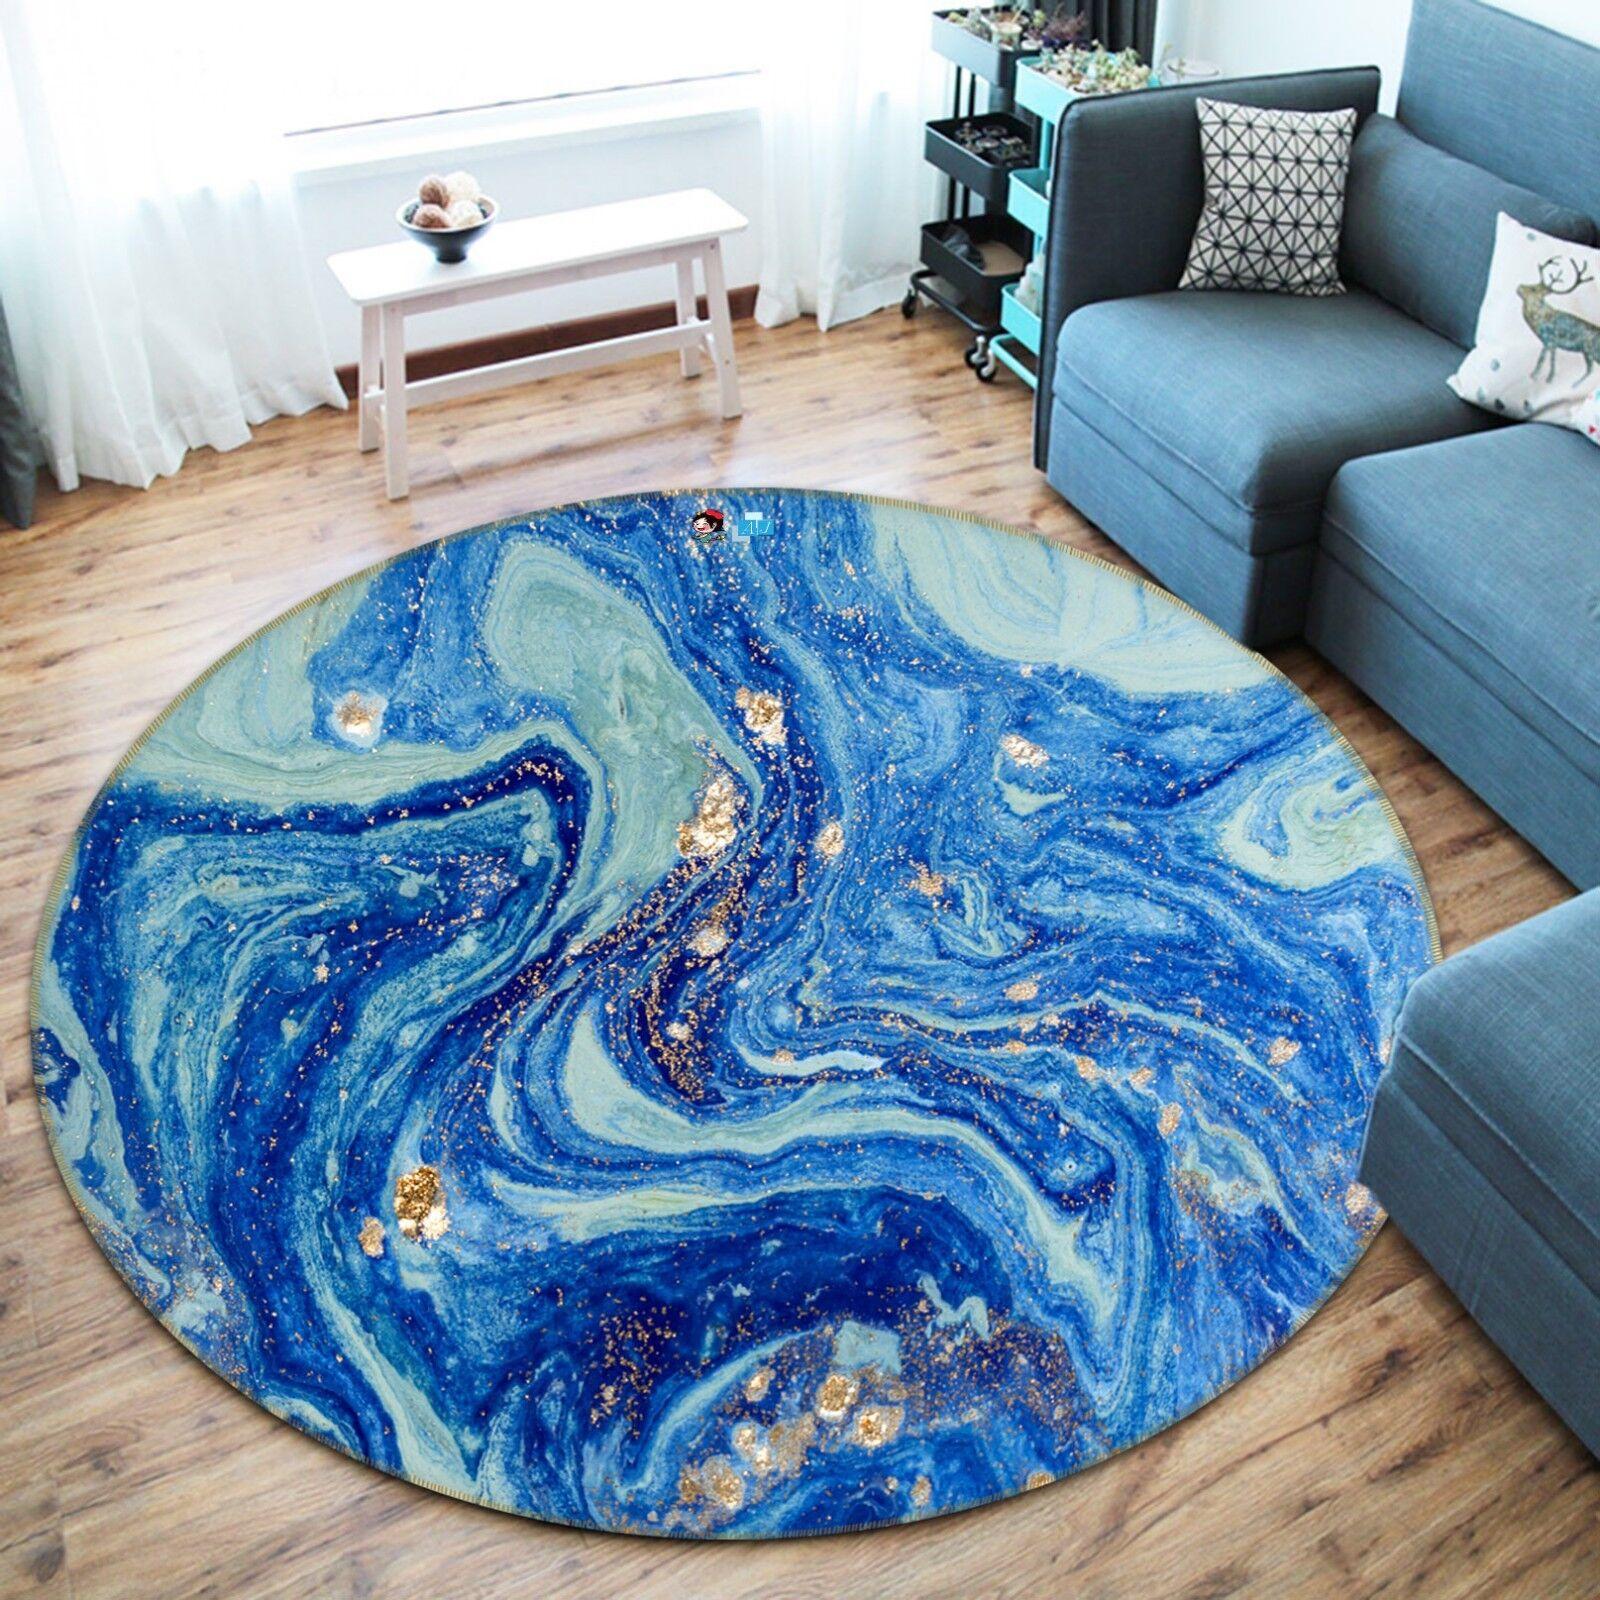 3d spaziale galassia 9 antiscivolo tappeto bagagliaio giri elegante TAPPETO de